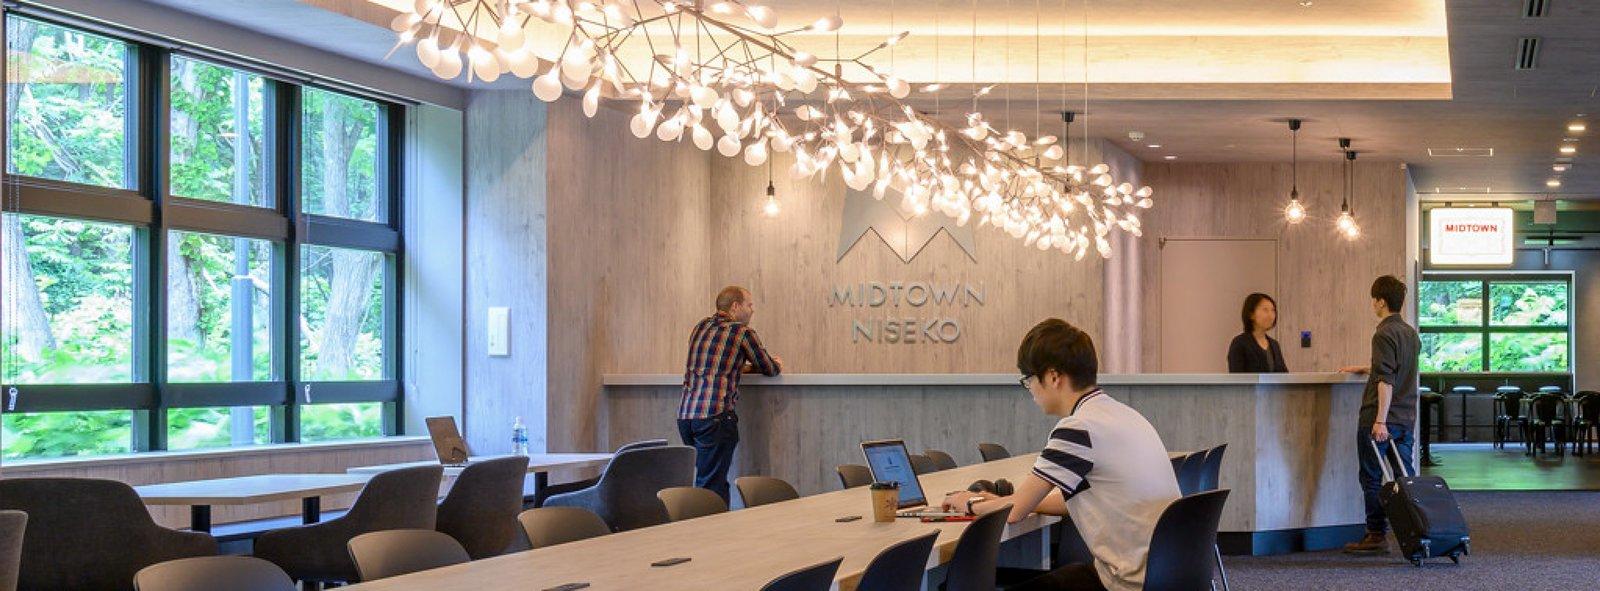 Lobby of Midtown Niseko hotel in summer